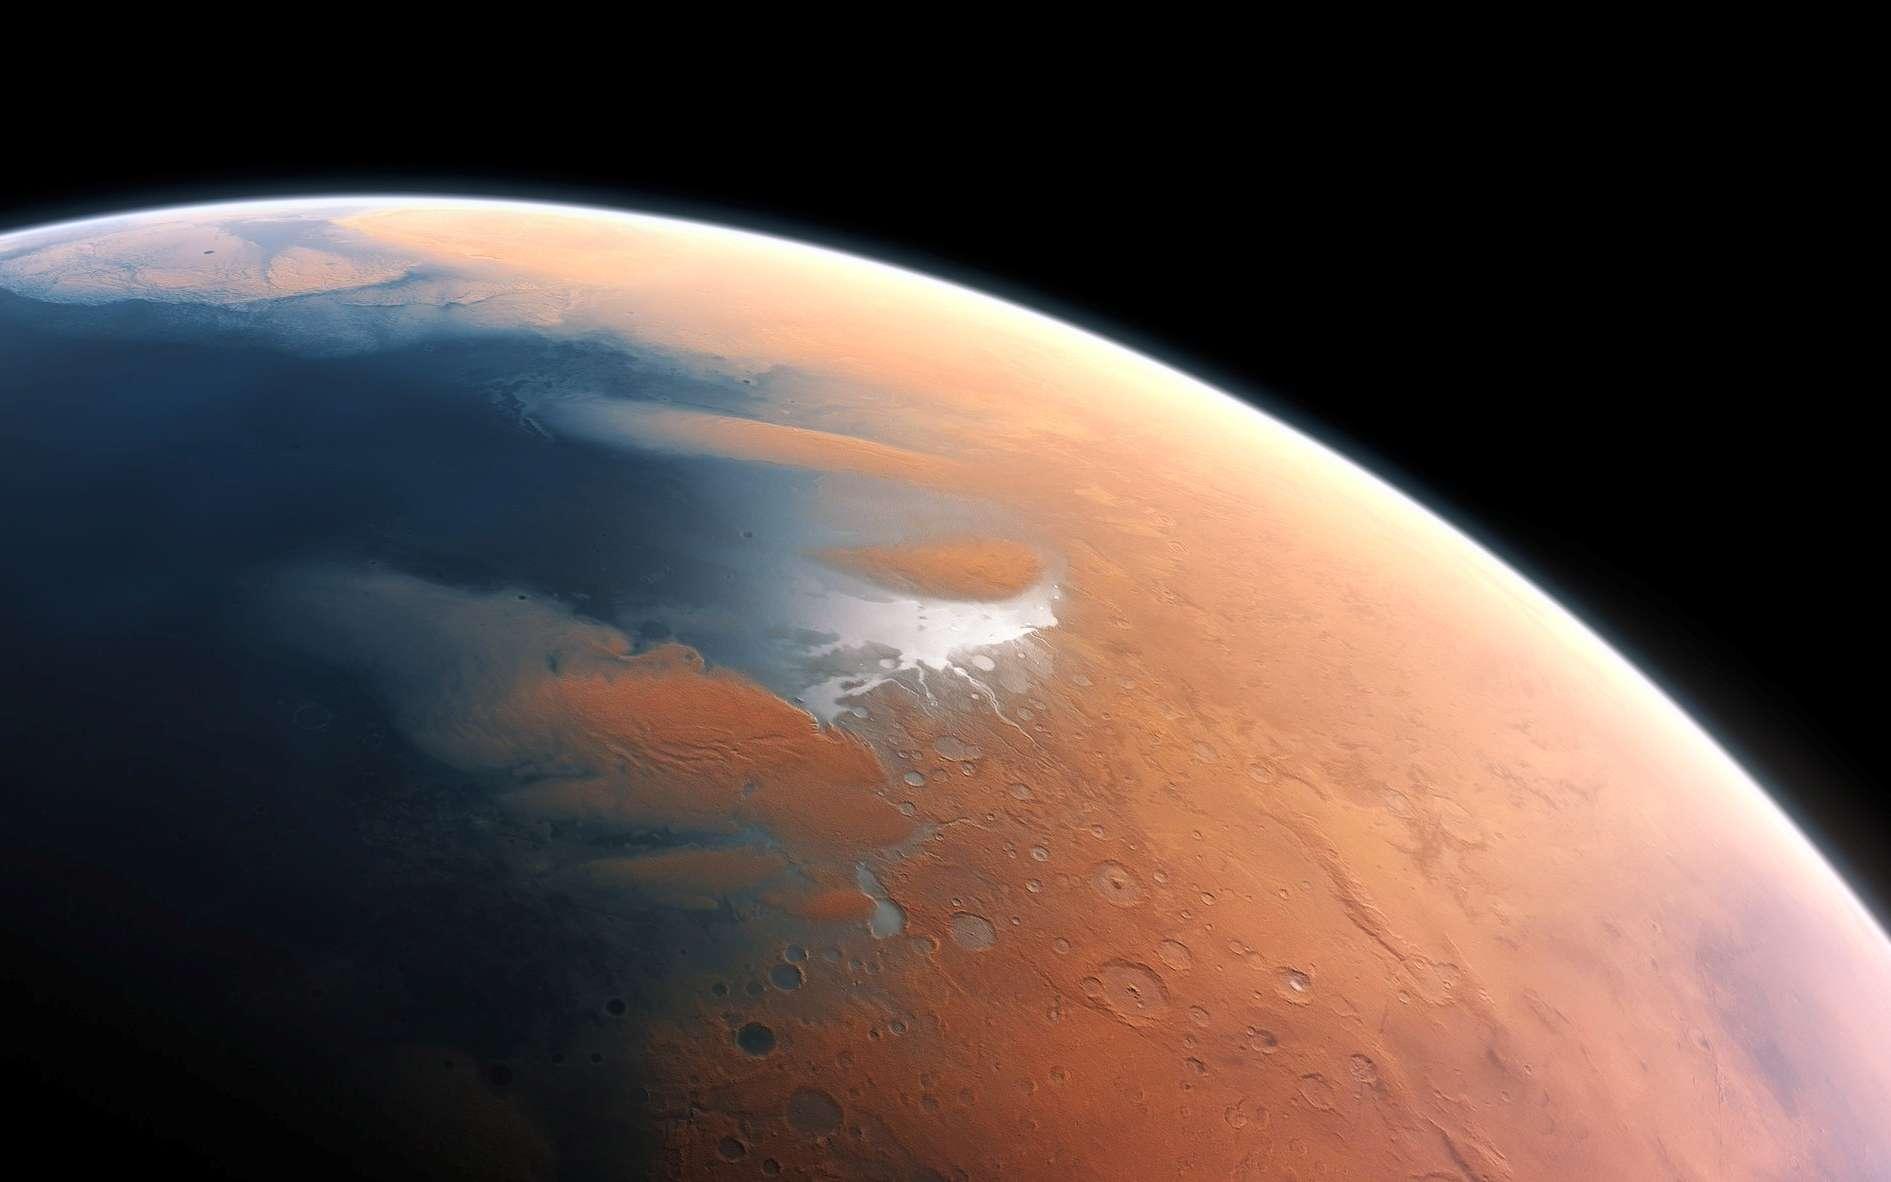 Cette vue d'artiste montre à quoi devait ressembler Mars voici quatre milliards d'années. La toute jeune planète devait renfermer suffisamment d'eau liquide pour que l'intégralité de sa surface en soit couverte, sur une hauteur d'environ 140 mètres. Il semble plus probable toutefois que l'eau liquide se soit constituée en un océan occupant près de la moitié de l'hémisphère nord de la planète. Dans certaines régions, la profondeur de cet océan pouvait dépasser 1,6 kilomètre. © ESO, M. Kornmesser